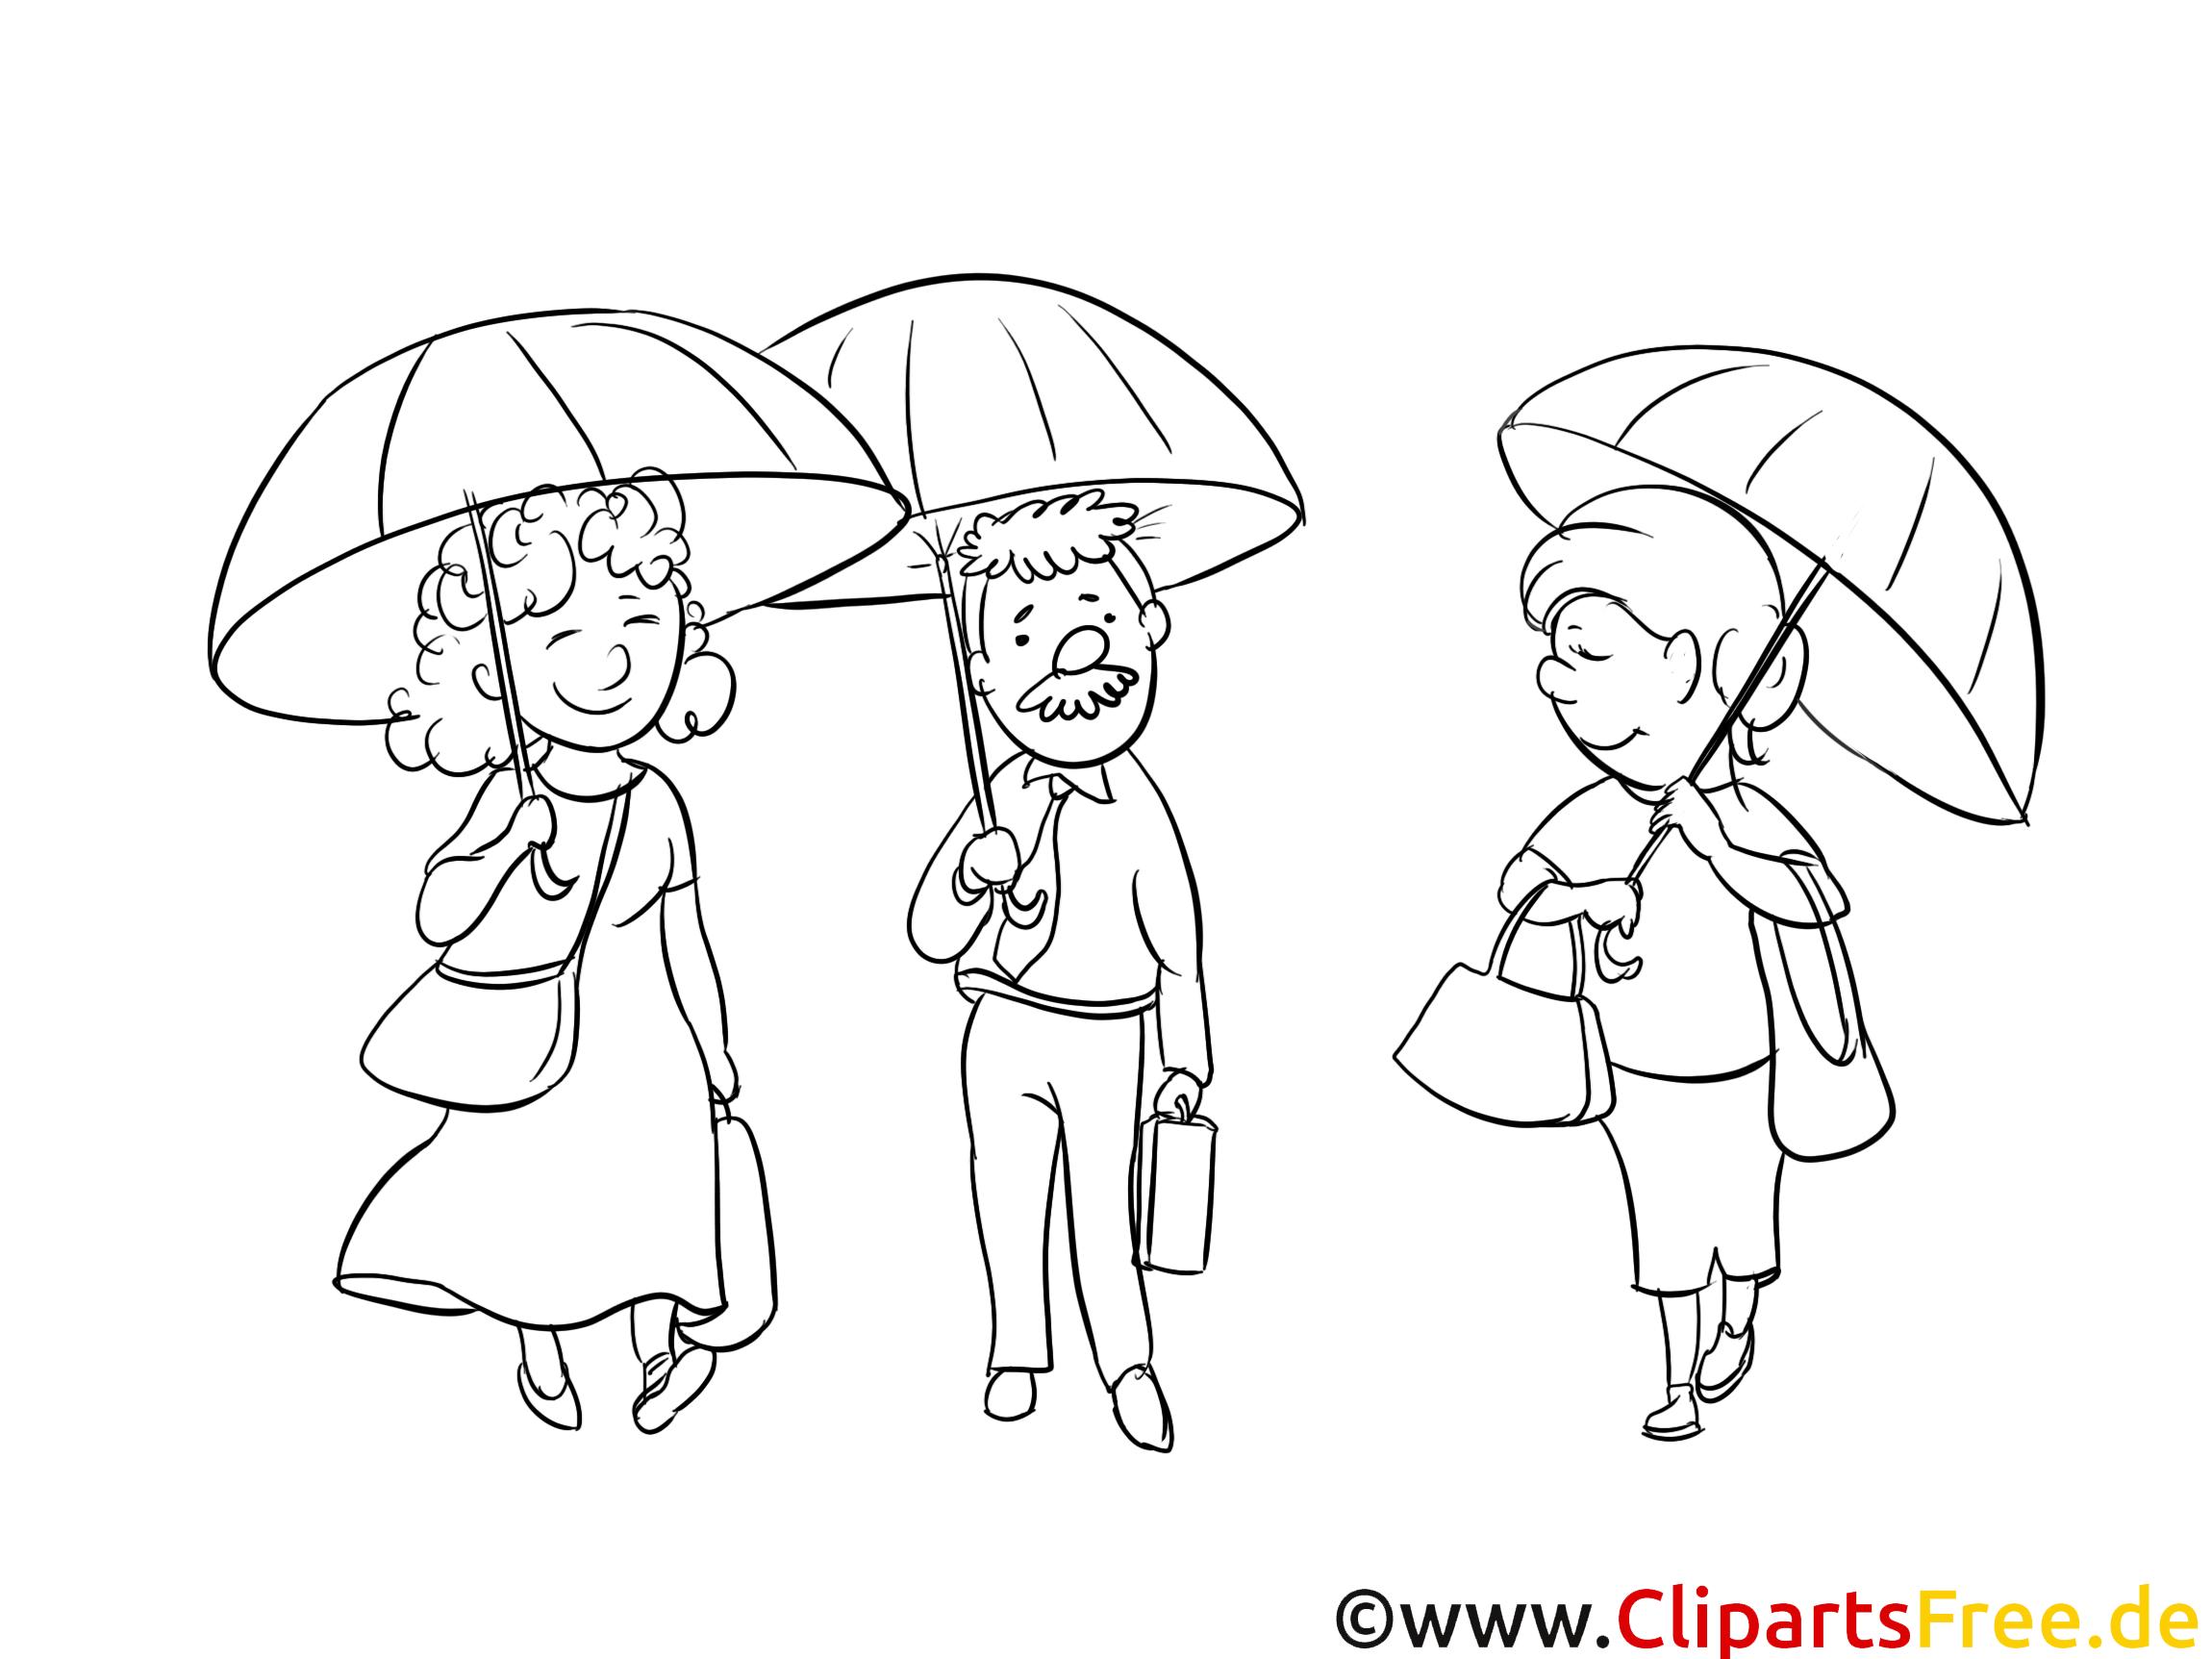 Parapluies dessin coloriage gens t l charger - Parapluie dessin ...